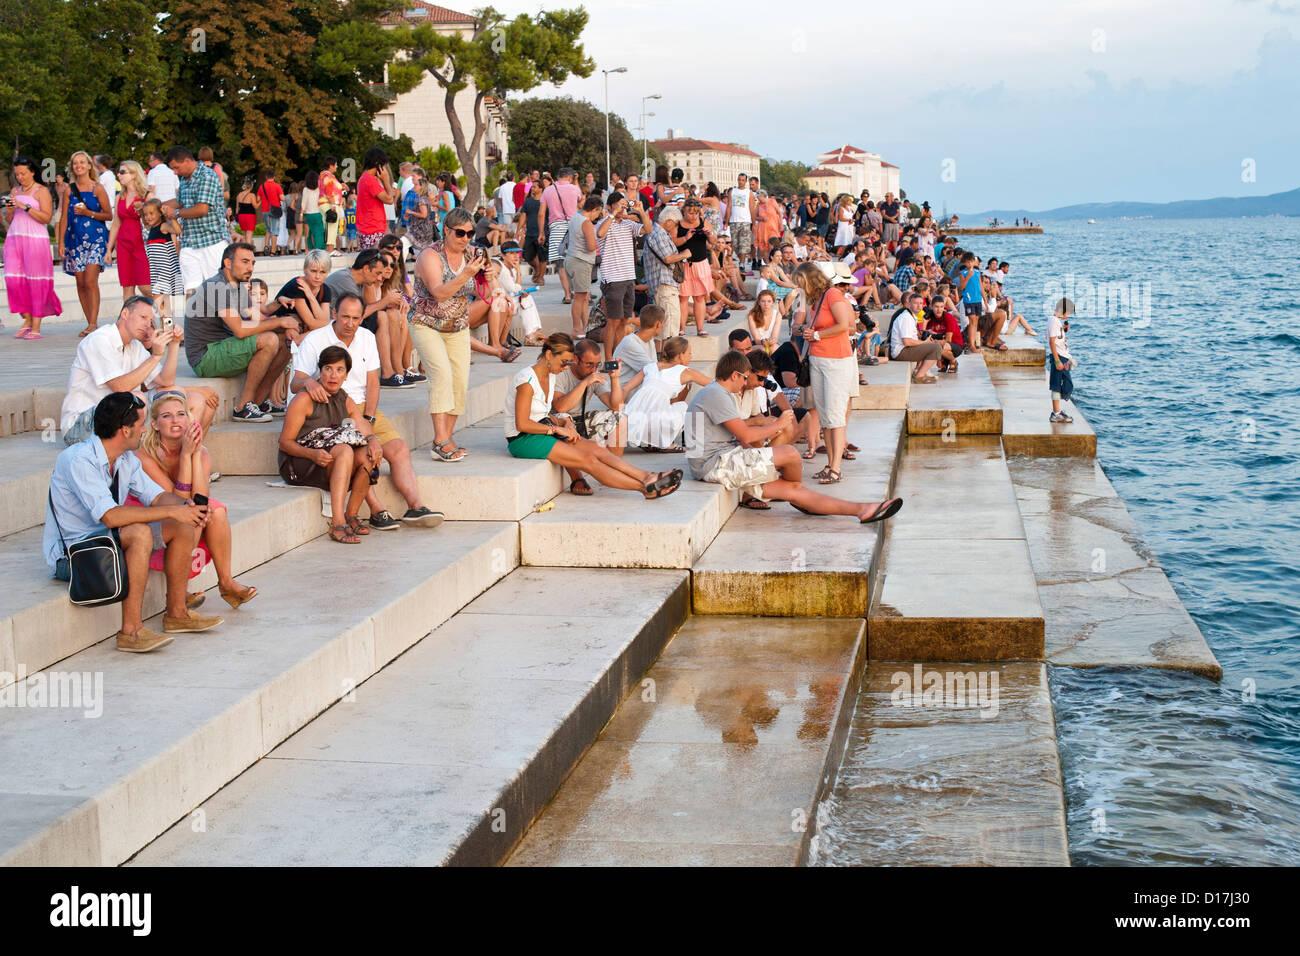 La gente en los escalones de la 'Sea Organ' en Zadar en la costa adriática de Croacia. Imagen De Stock